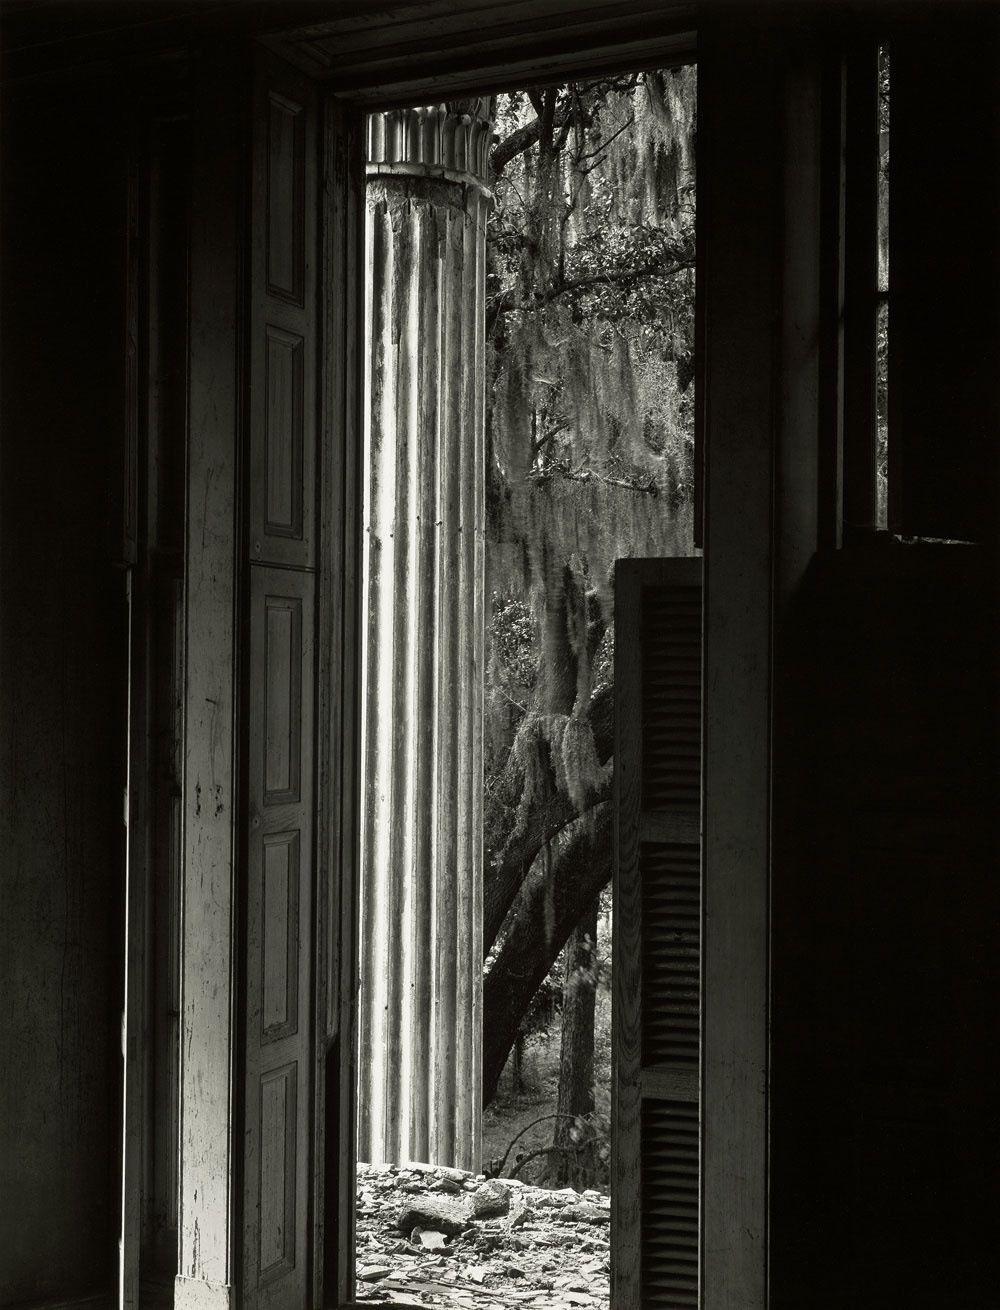 Bell Grove Plantation. Louisiana. Edward weston